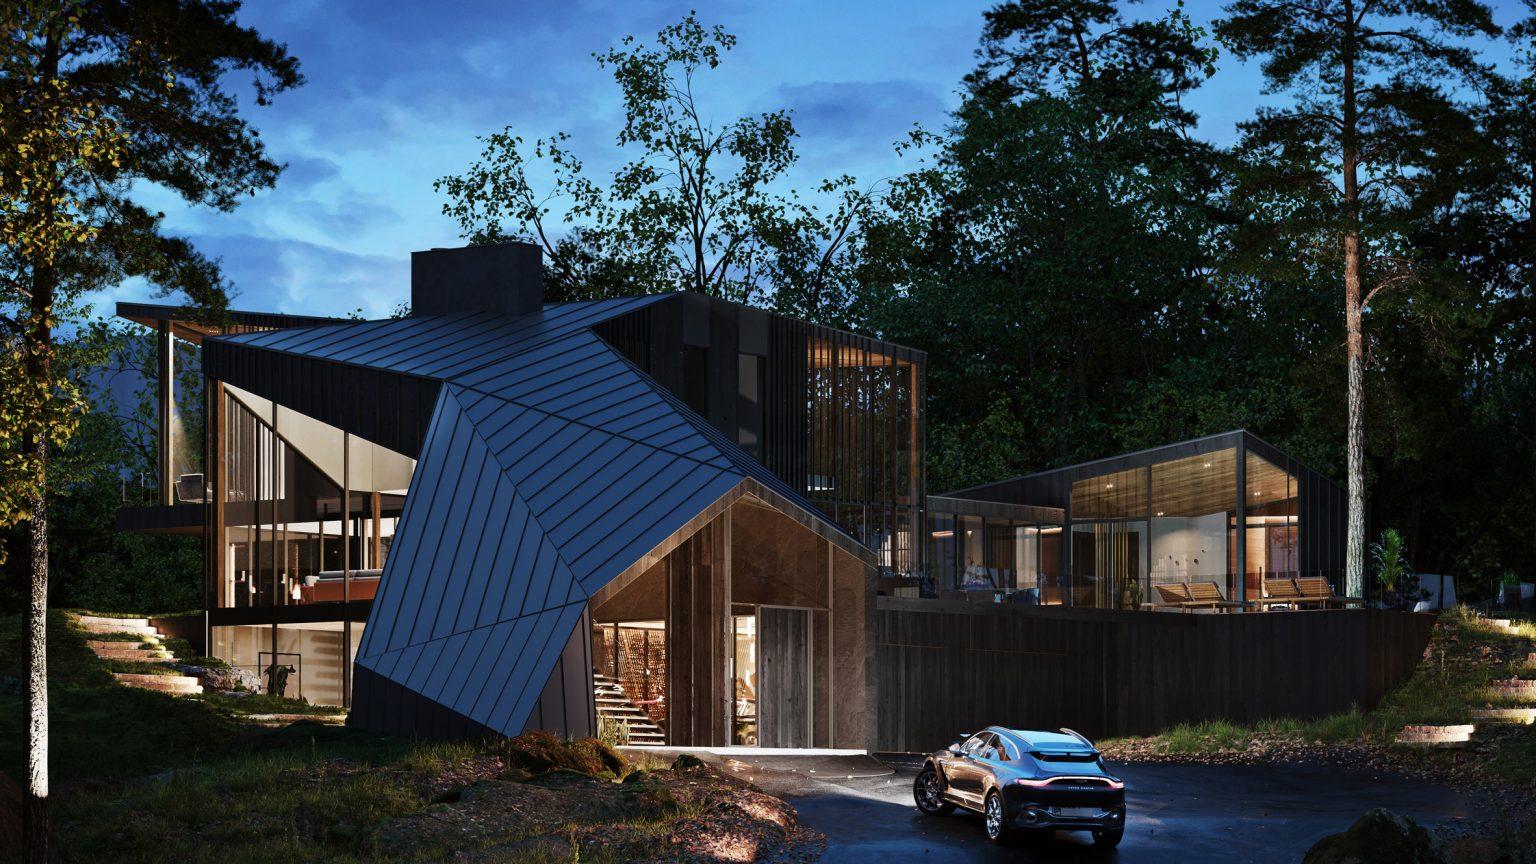 Vista nocturna de la vivienda / S3 Architecture/Corcoran Country Living